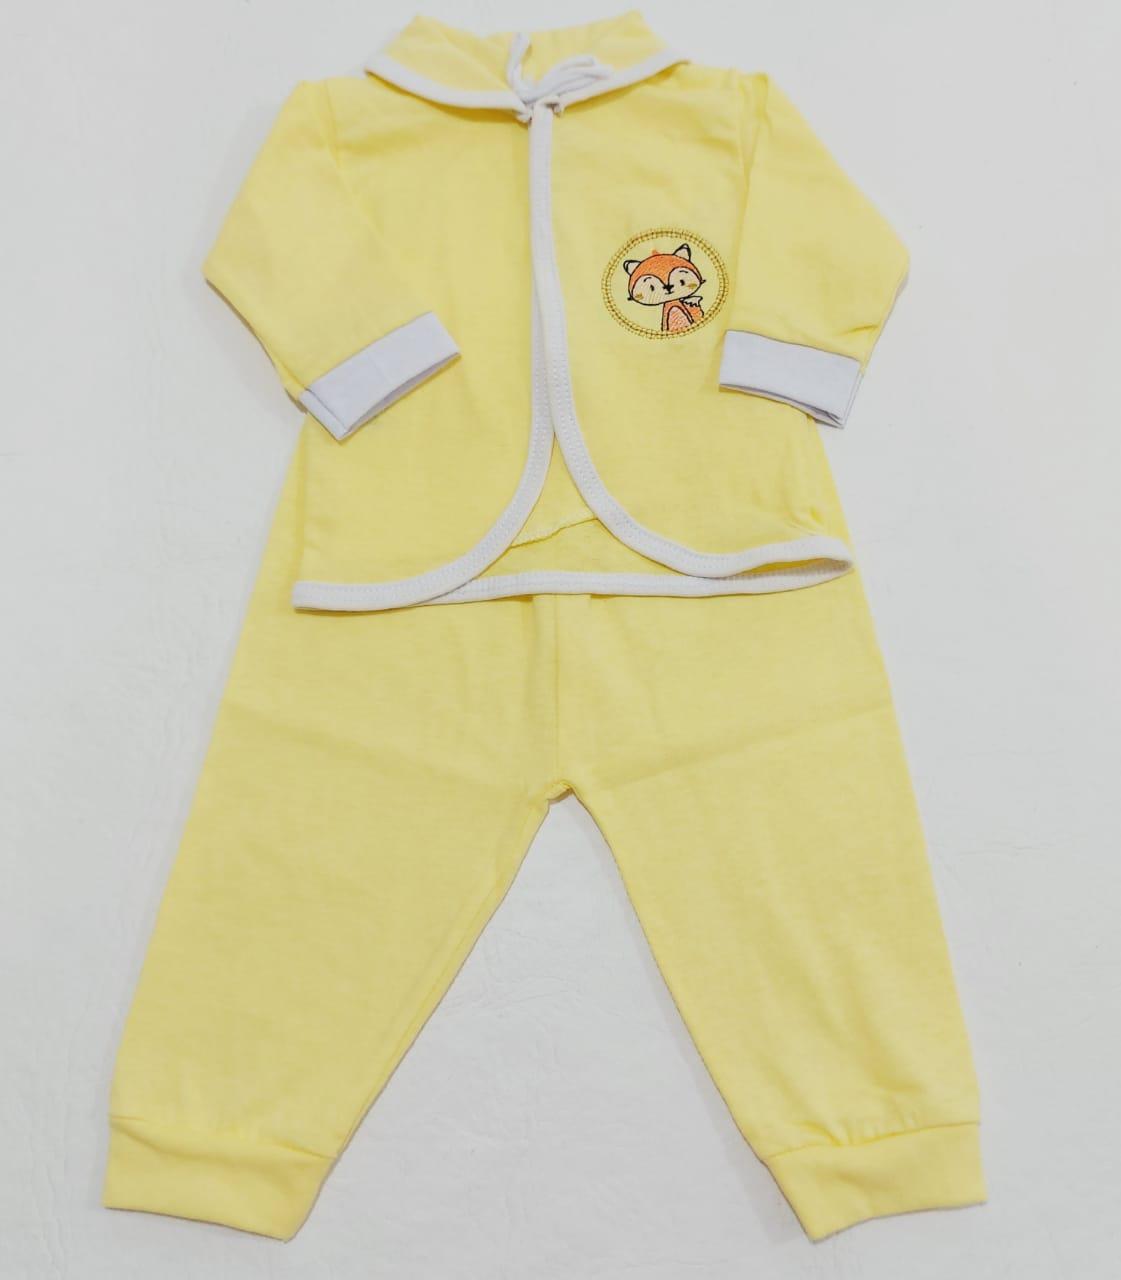 Conjunto Pagão Amarelo - Camiseta, Casaquinho e Mijão - 03 Peças - Recém Nascido - 100% Algodão - Cia do Bebê